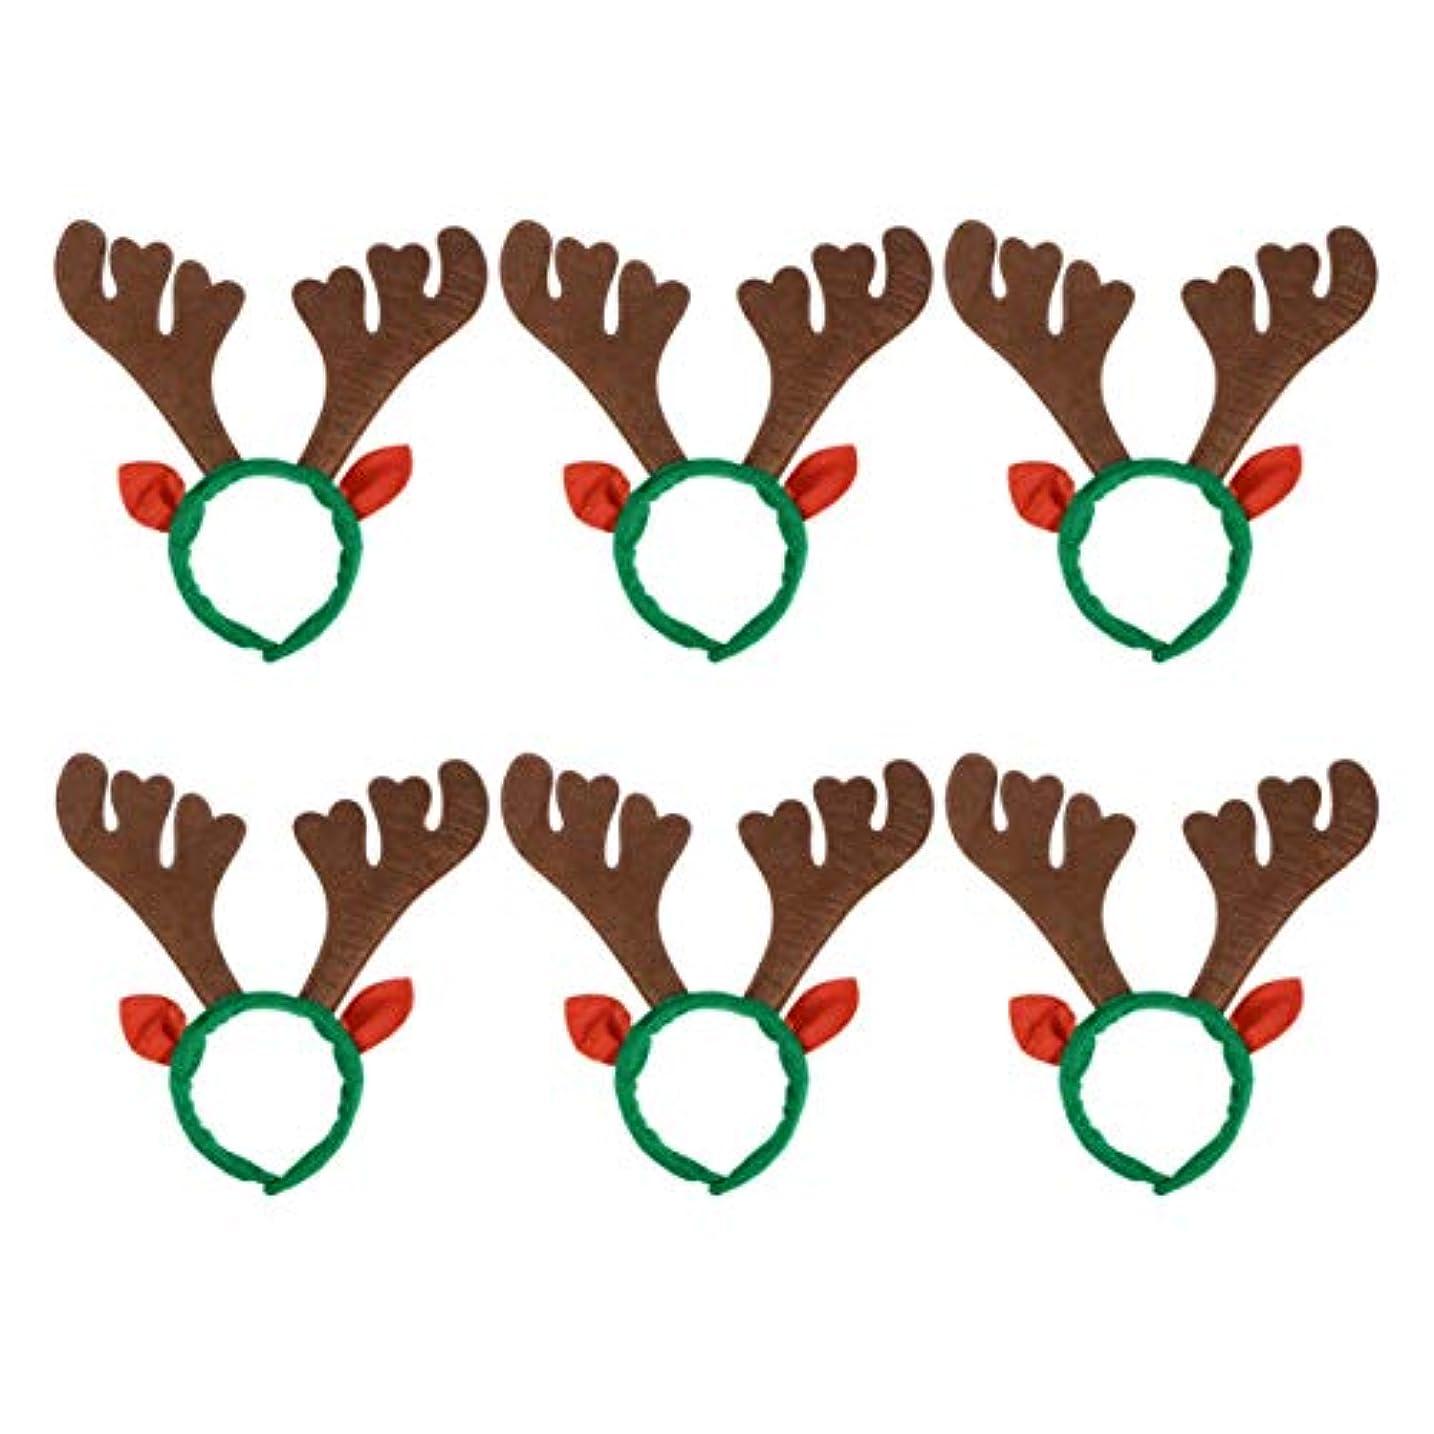 クランプ差し迫った告白Lurrose 6ピーストナカイヘアフープ動物耳カチューシャクリスマスヘアアクセサリー用パーティー小道具